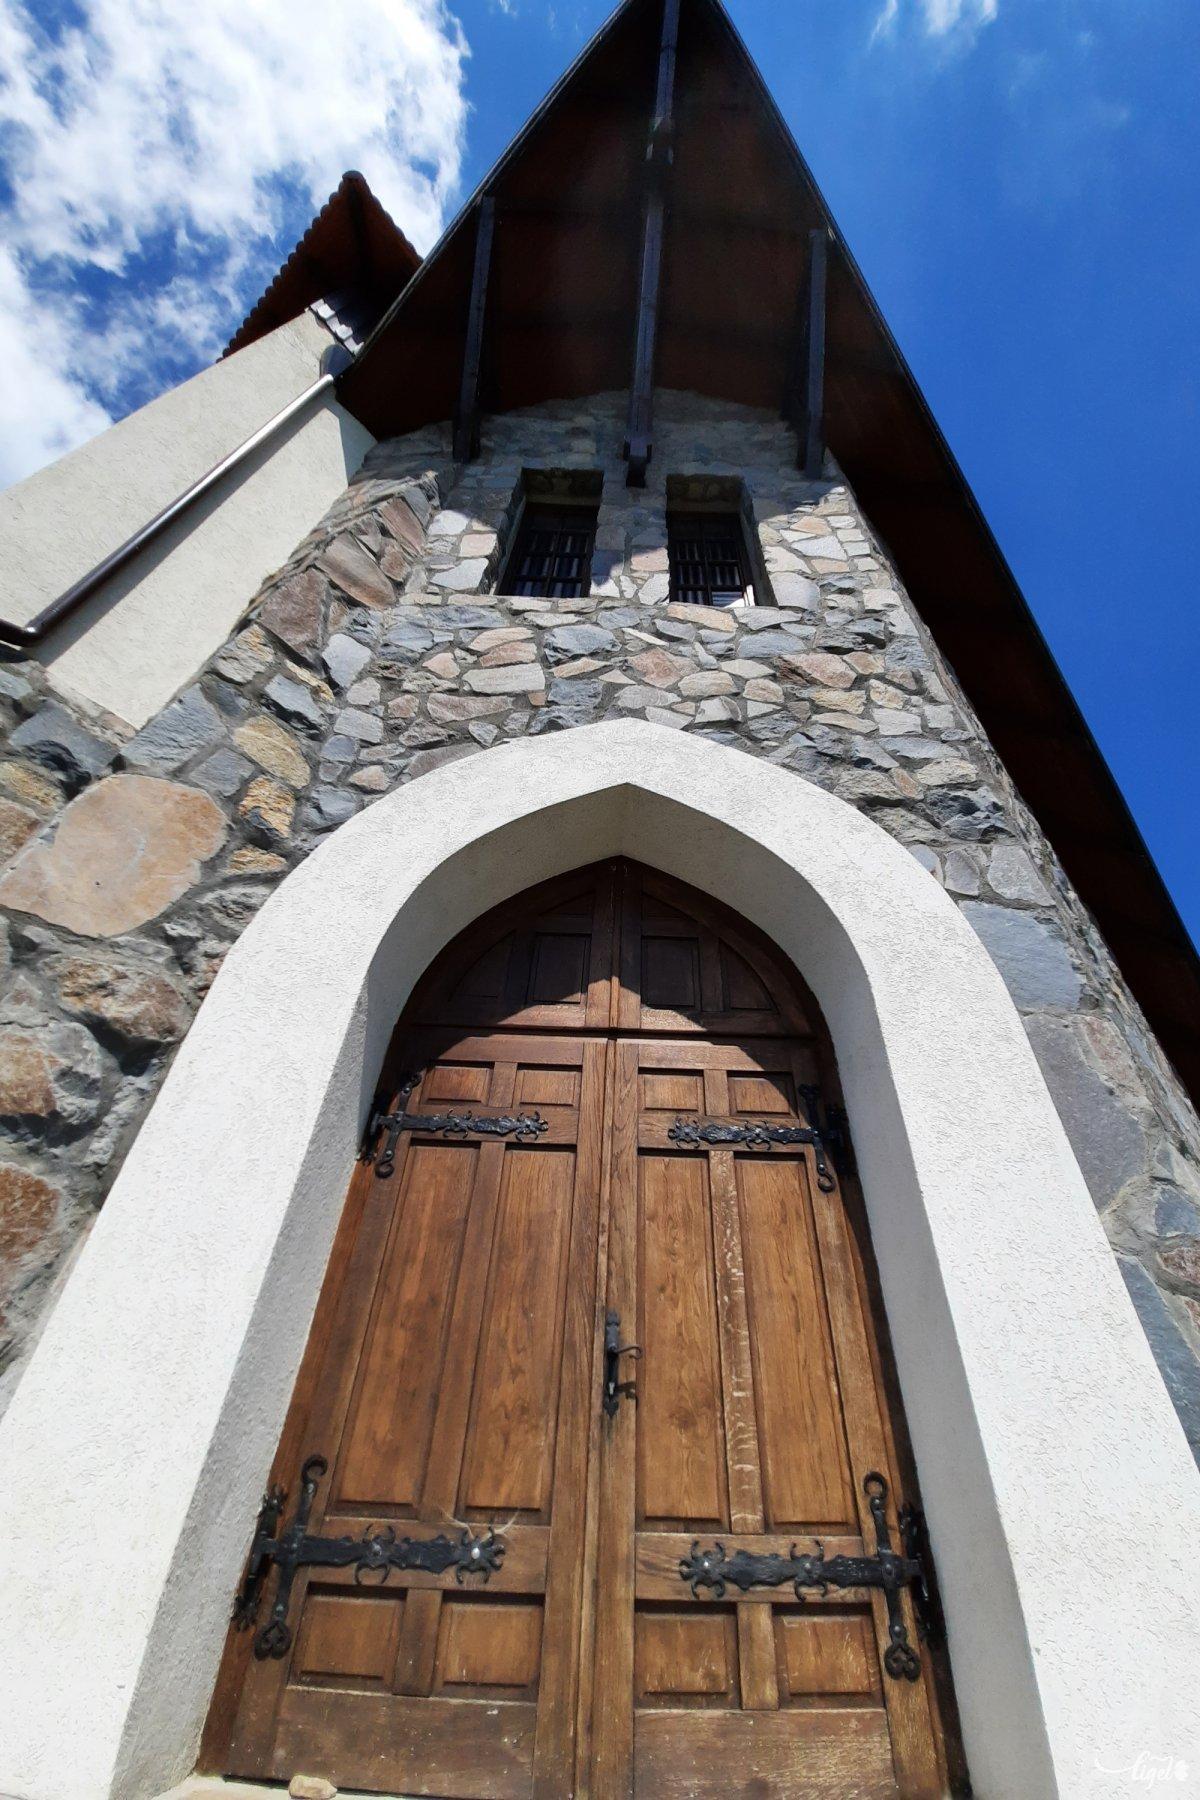 A keresztút kialakítása – akárcsak tíz évvel  ezelőtt a bekecsi kápolna megépülése is – az összefogás eredménye: a különböző vallási felekezetek, az önkormányzatok, a környékbeli vállalkozók és lelkes magánemberek összefogásáé, írja ugyanaz a portál •  Fotó: Rédai Attila